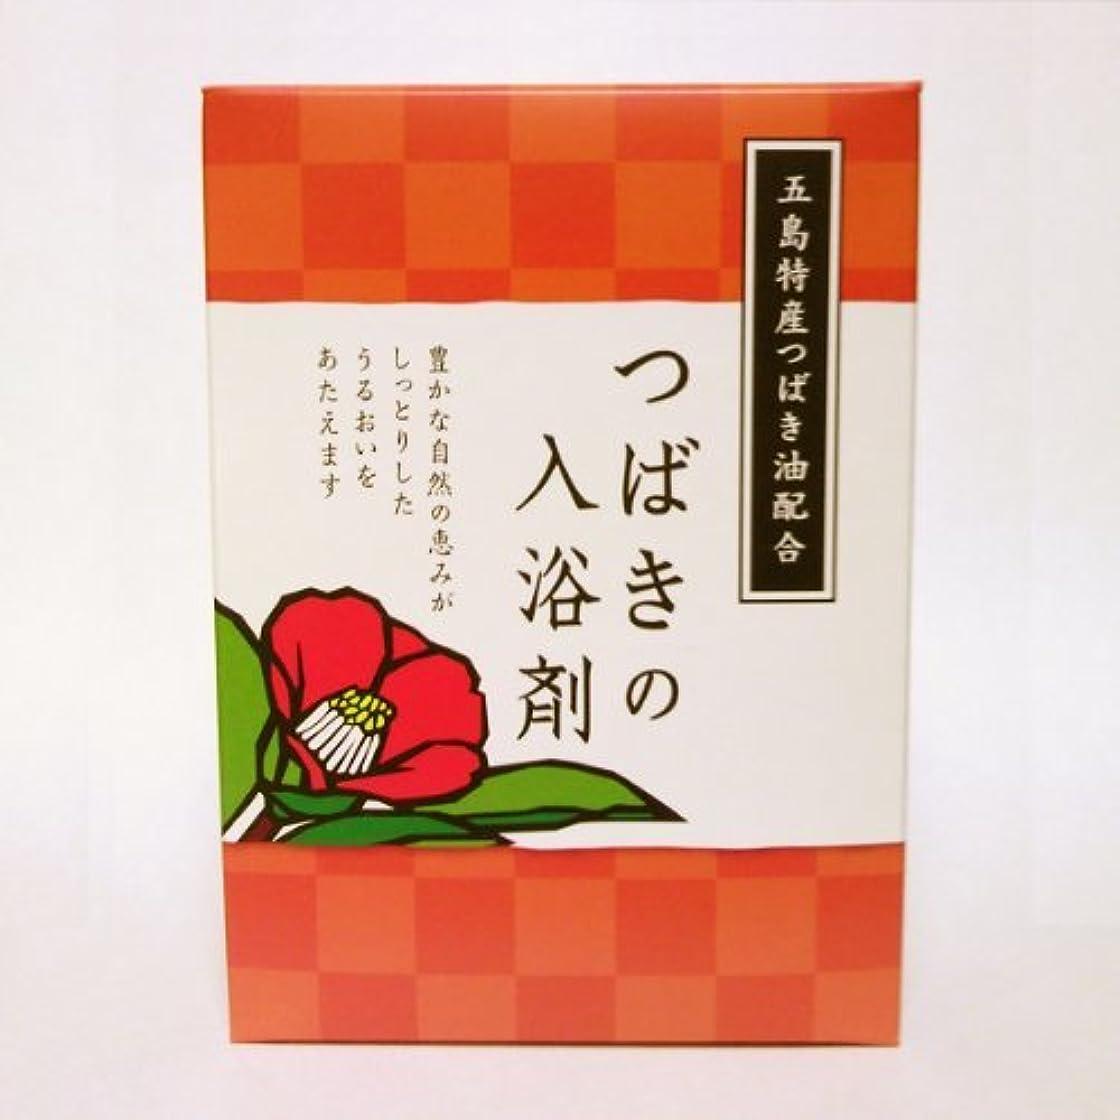 複合消費する定義五島特産純粋 つばきの入浴剤 新上五島町振興公社